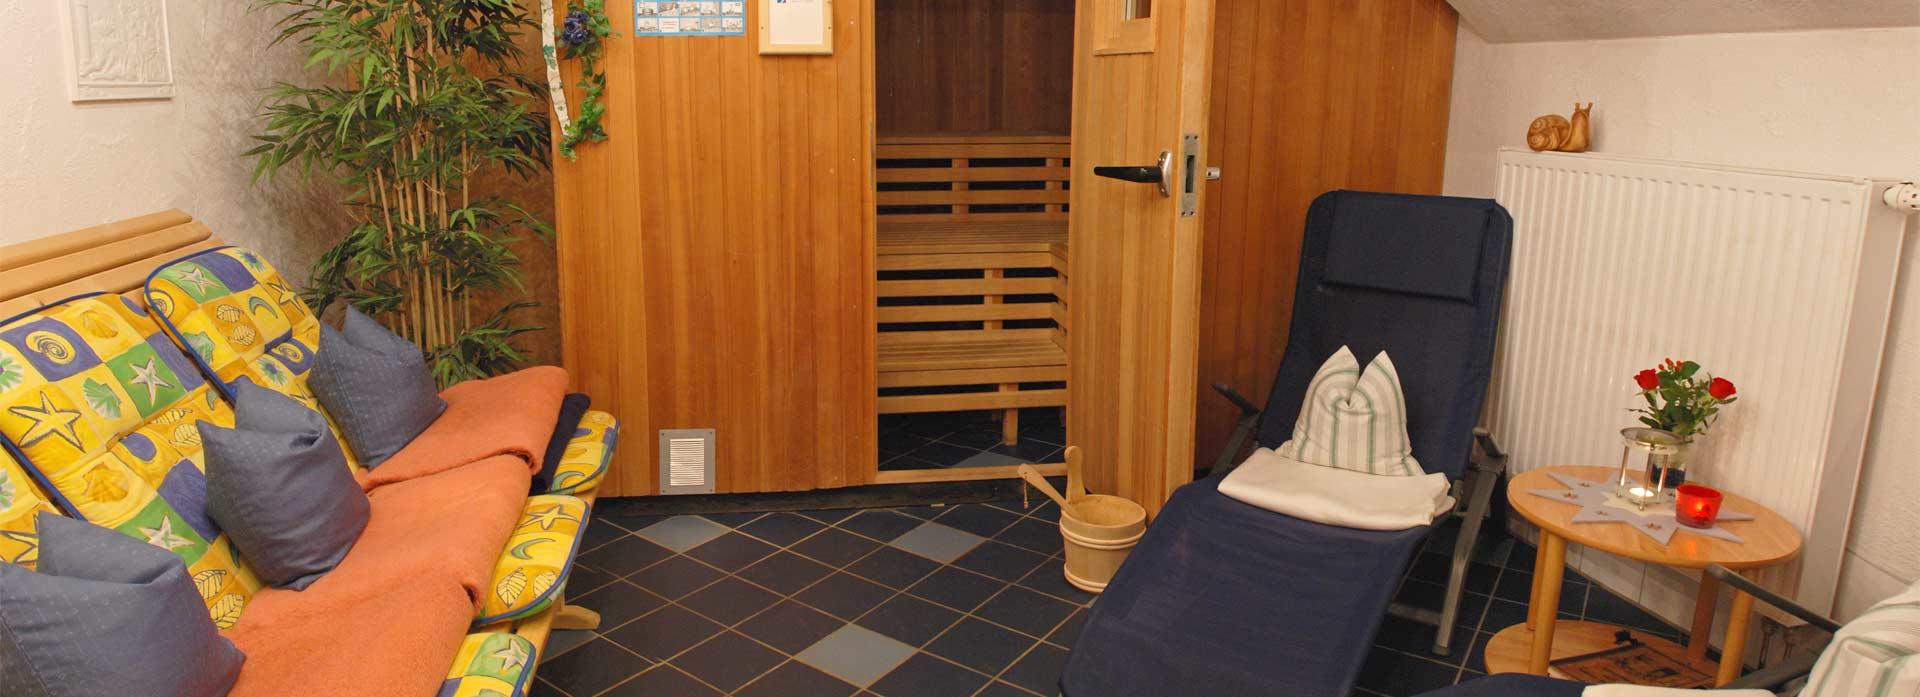 startseite ferienhof ammann ihr urlaubsort gesundheitshof und bauernhof in der ferienregion. Black Bedroom Furniture Sets. Home Design Ideas